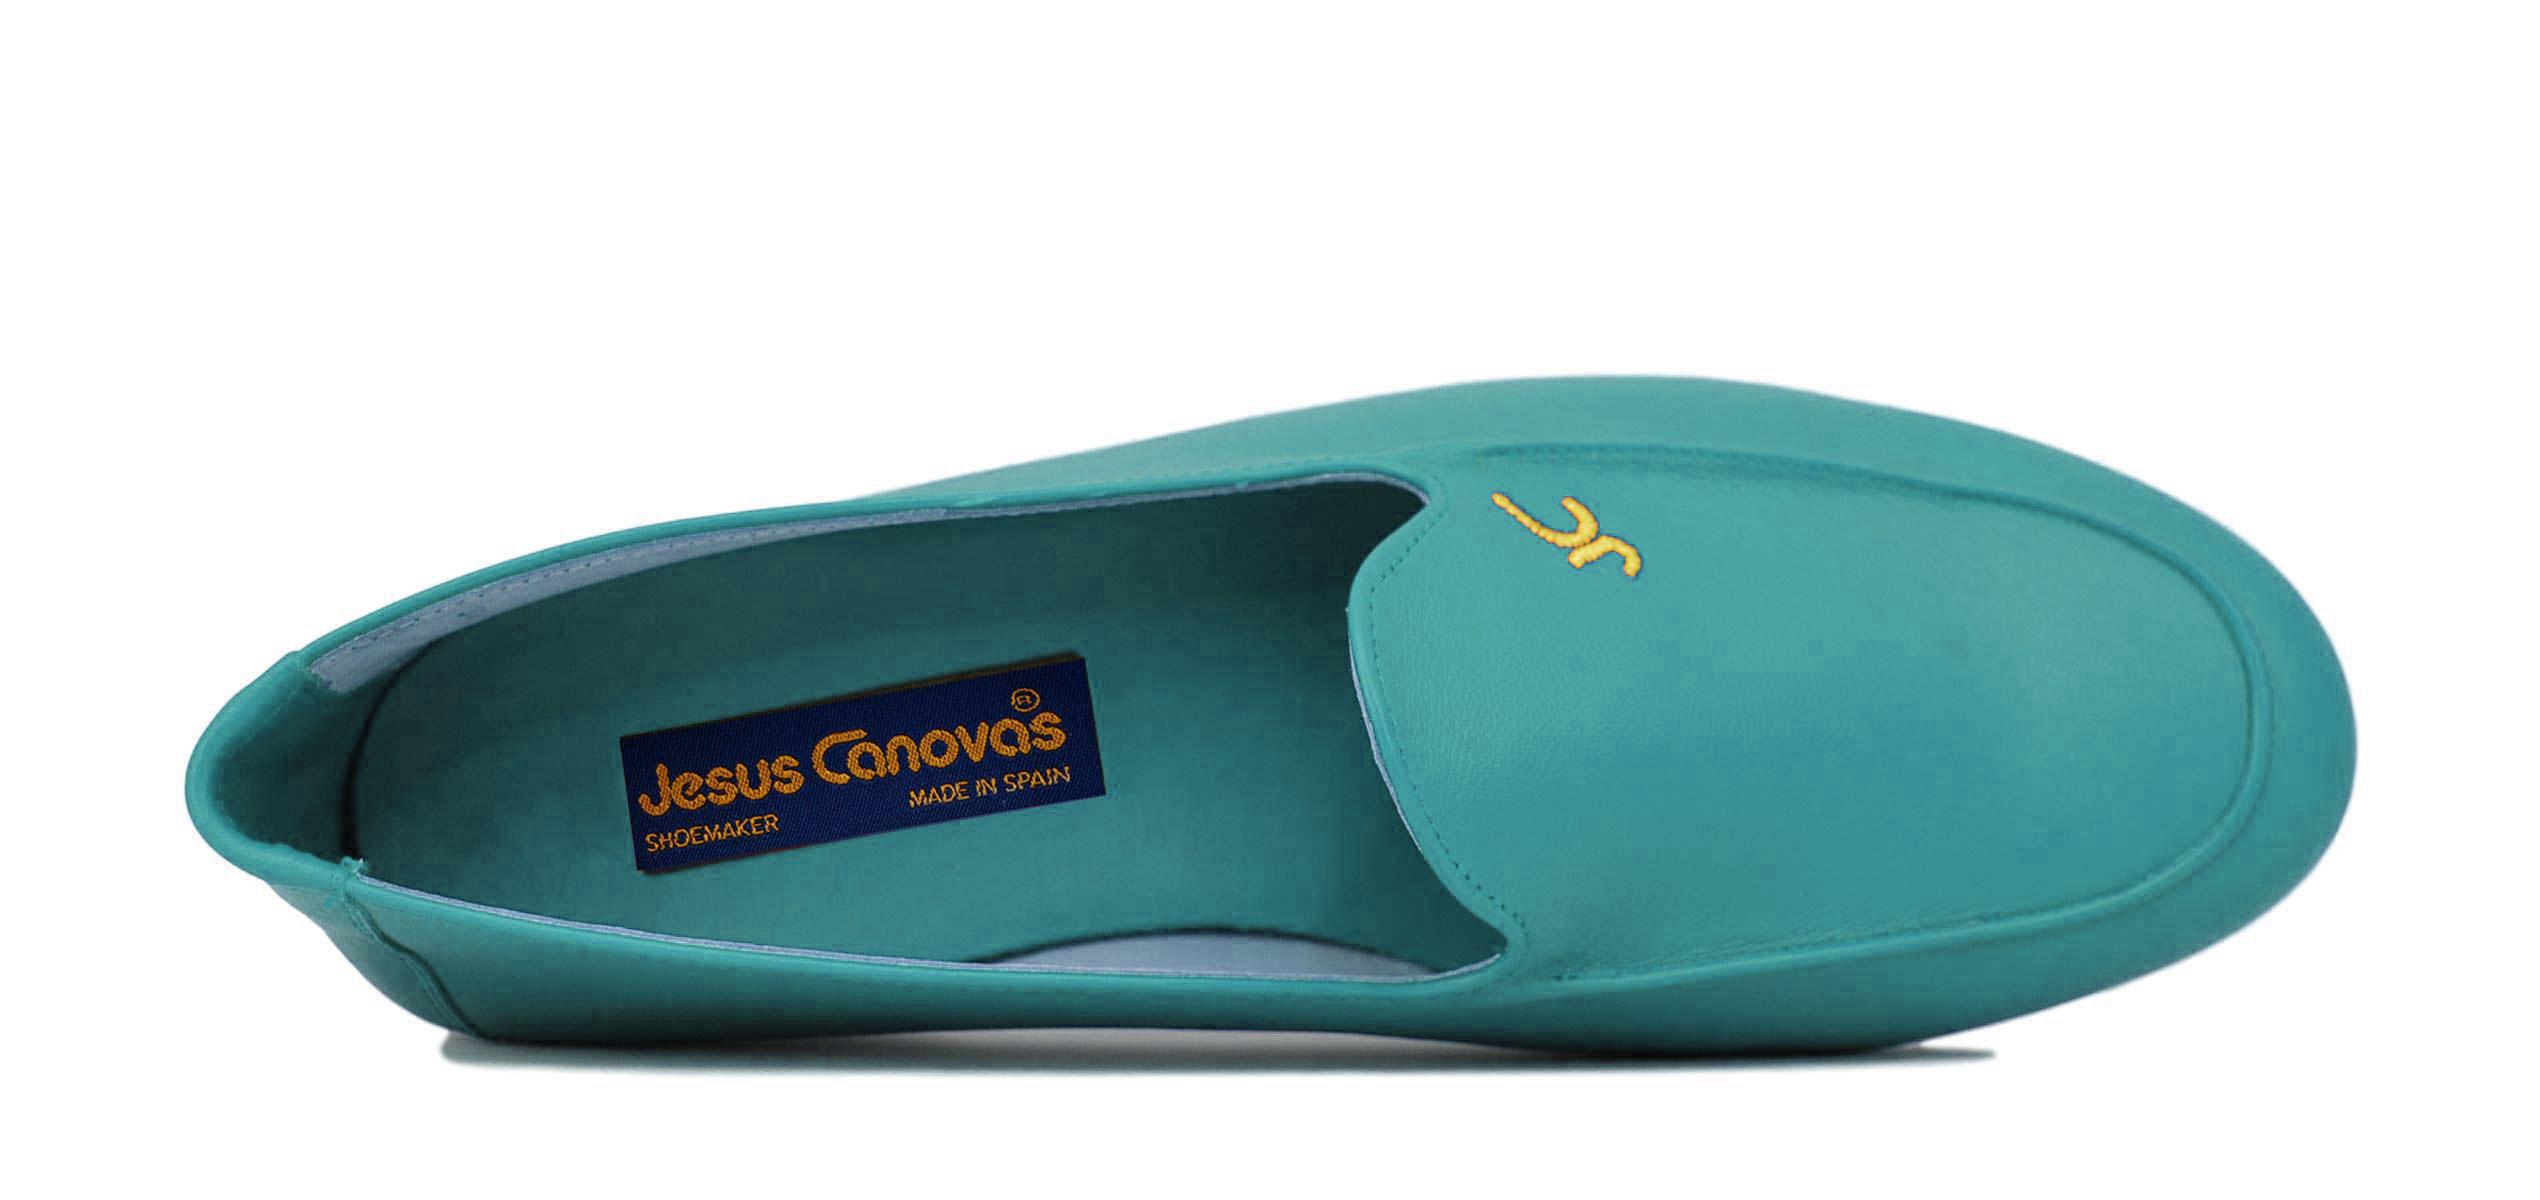 Foto 2 de Zapatos Julio Iglesias 528 JC Aqua Napa